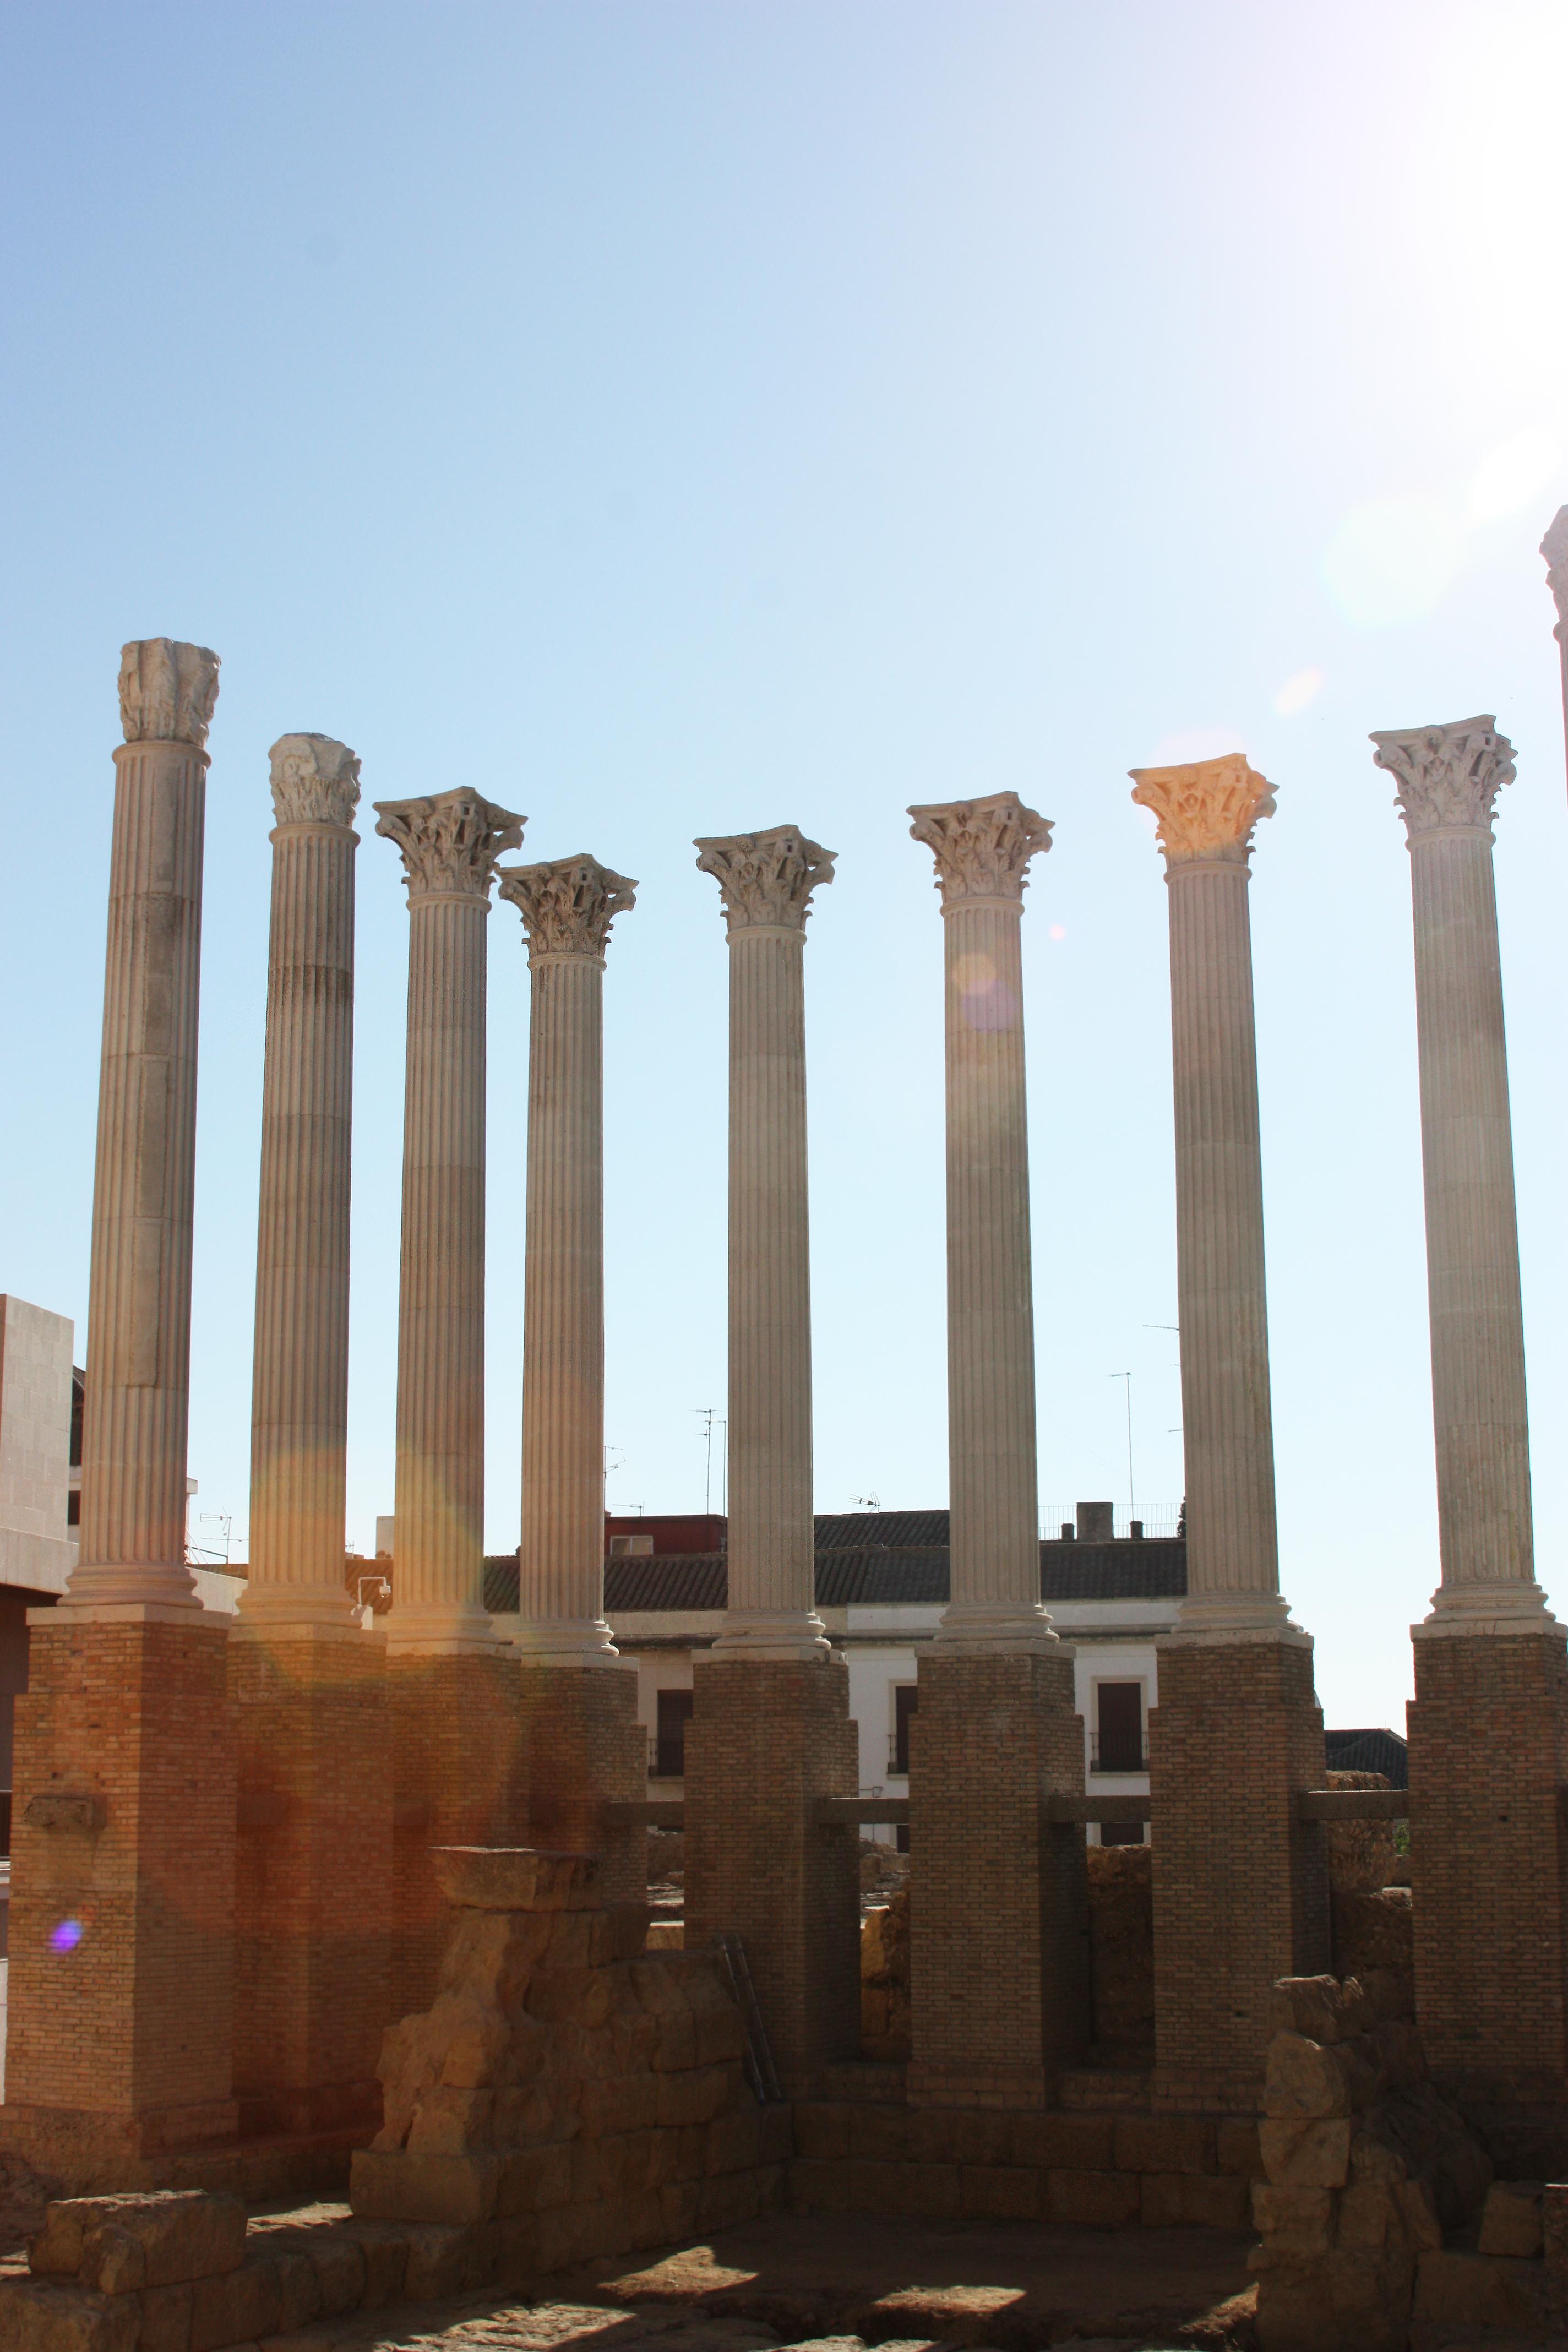 Templo Romano de Córdoba. Mantenimiento, conservación y restauración